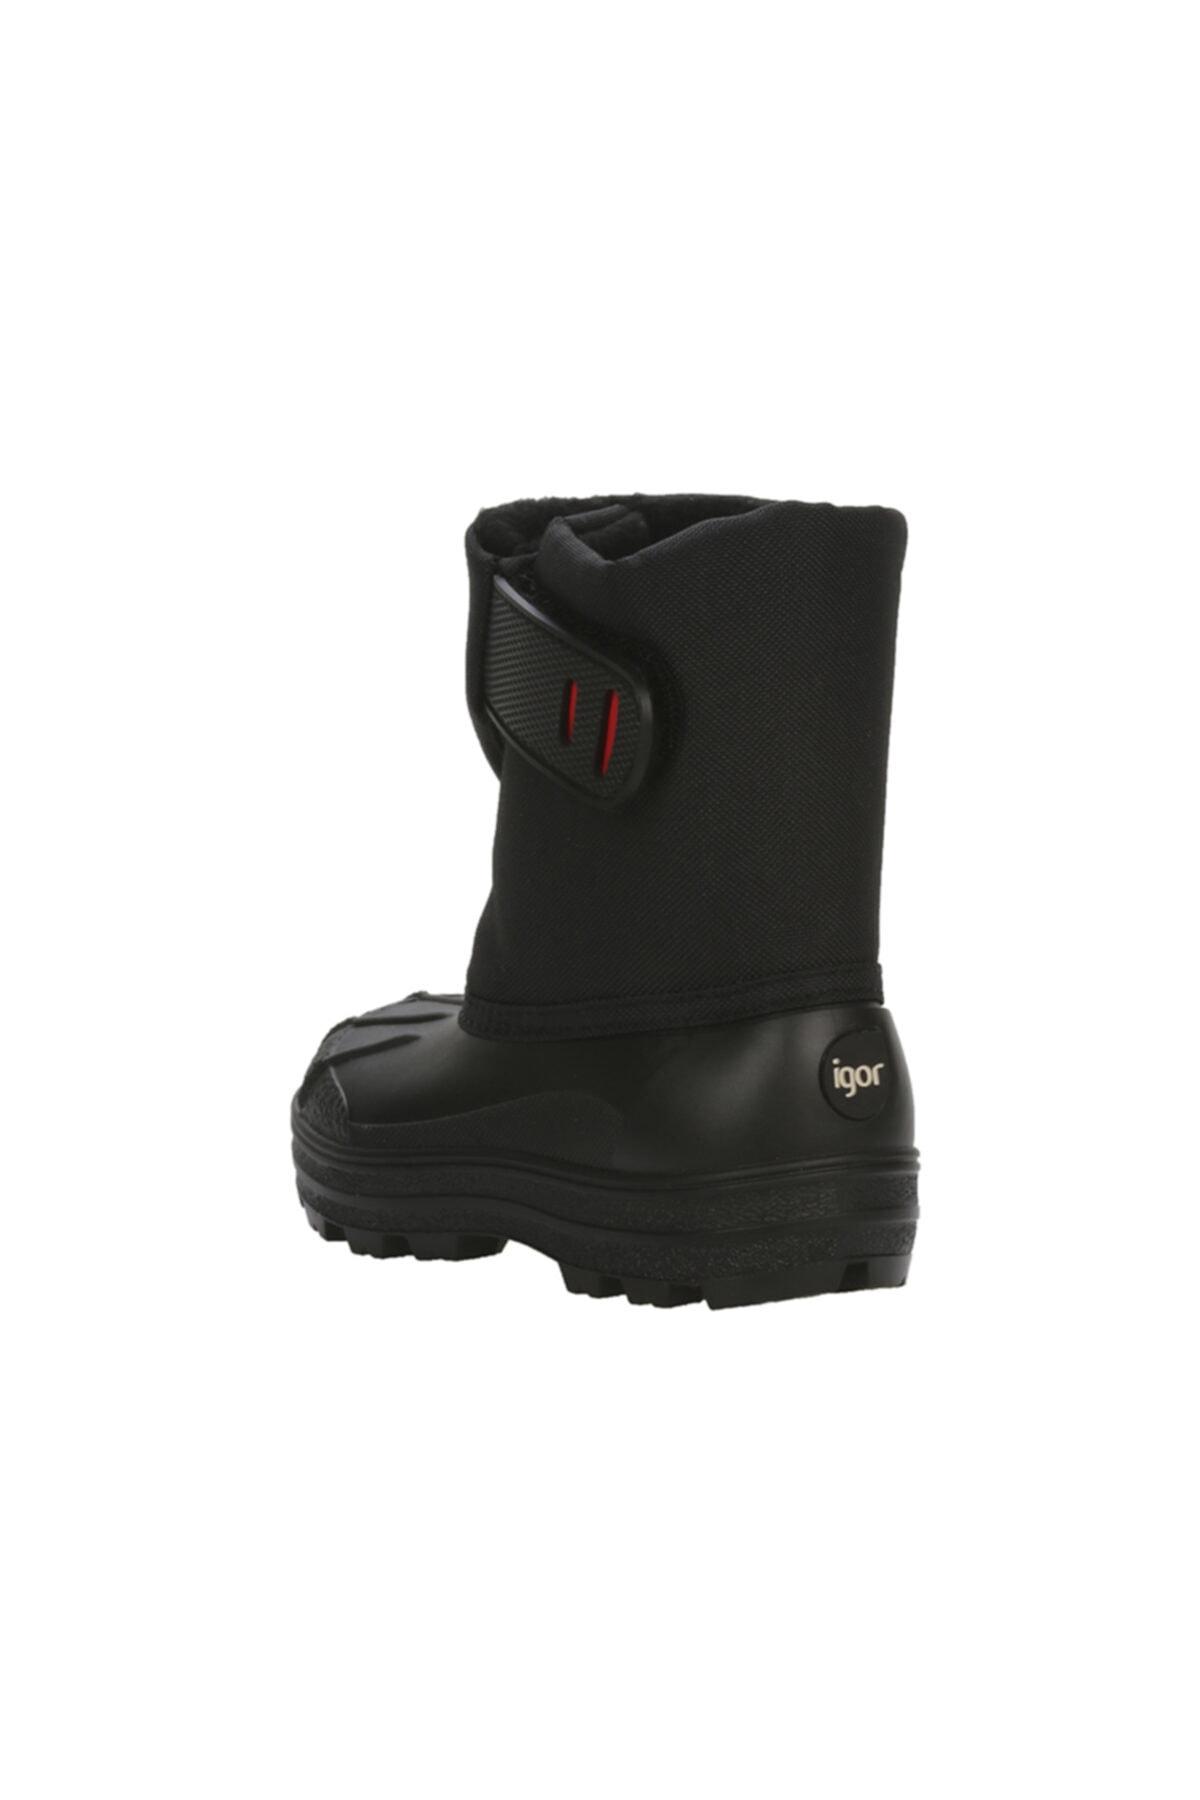 IGOR Kız Çocuk Siyah Snow Içi Yünlü Kar Botu W10175 1